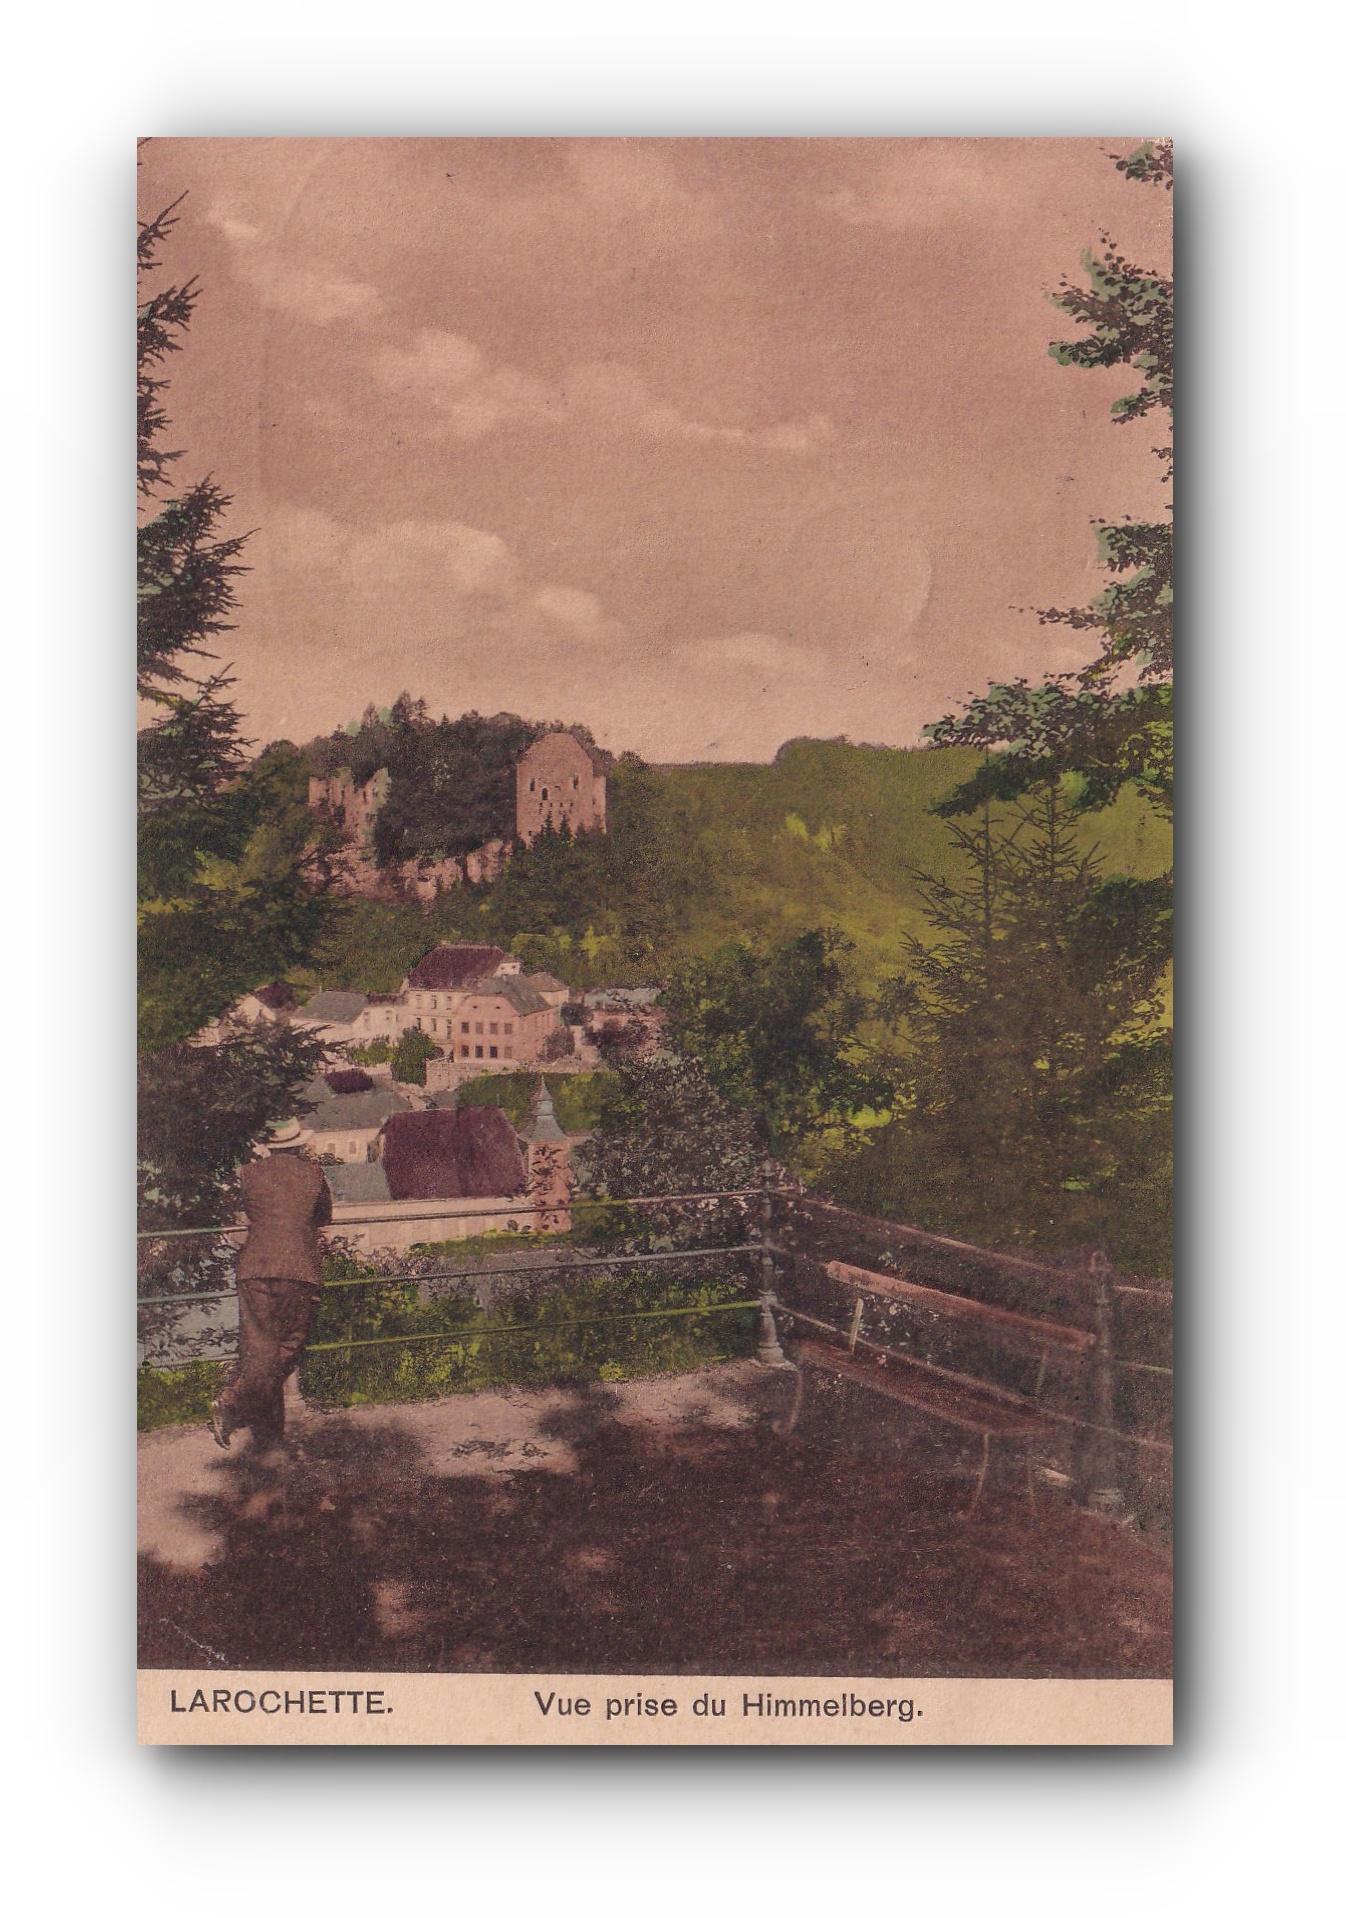 LAROCHETTE - 10.10.1911